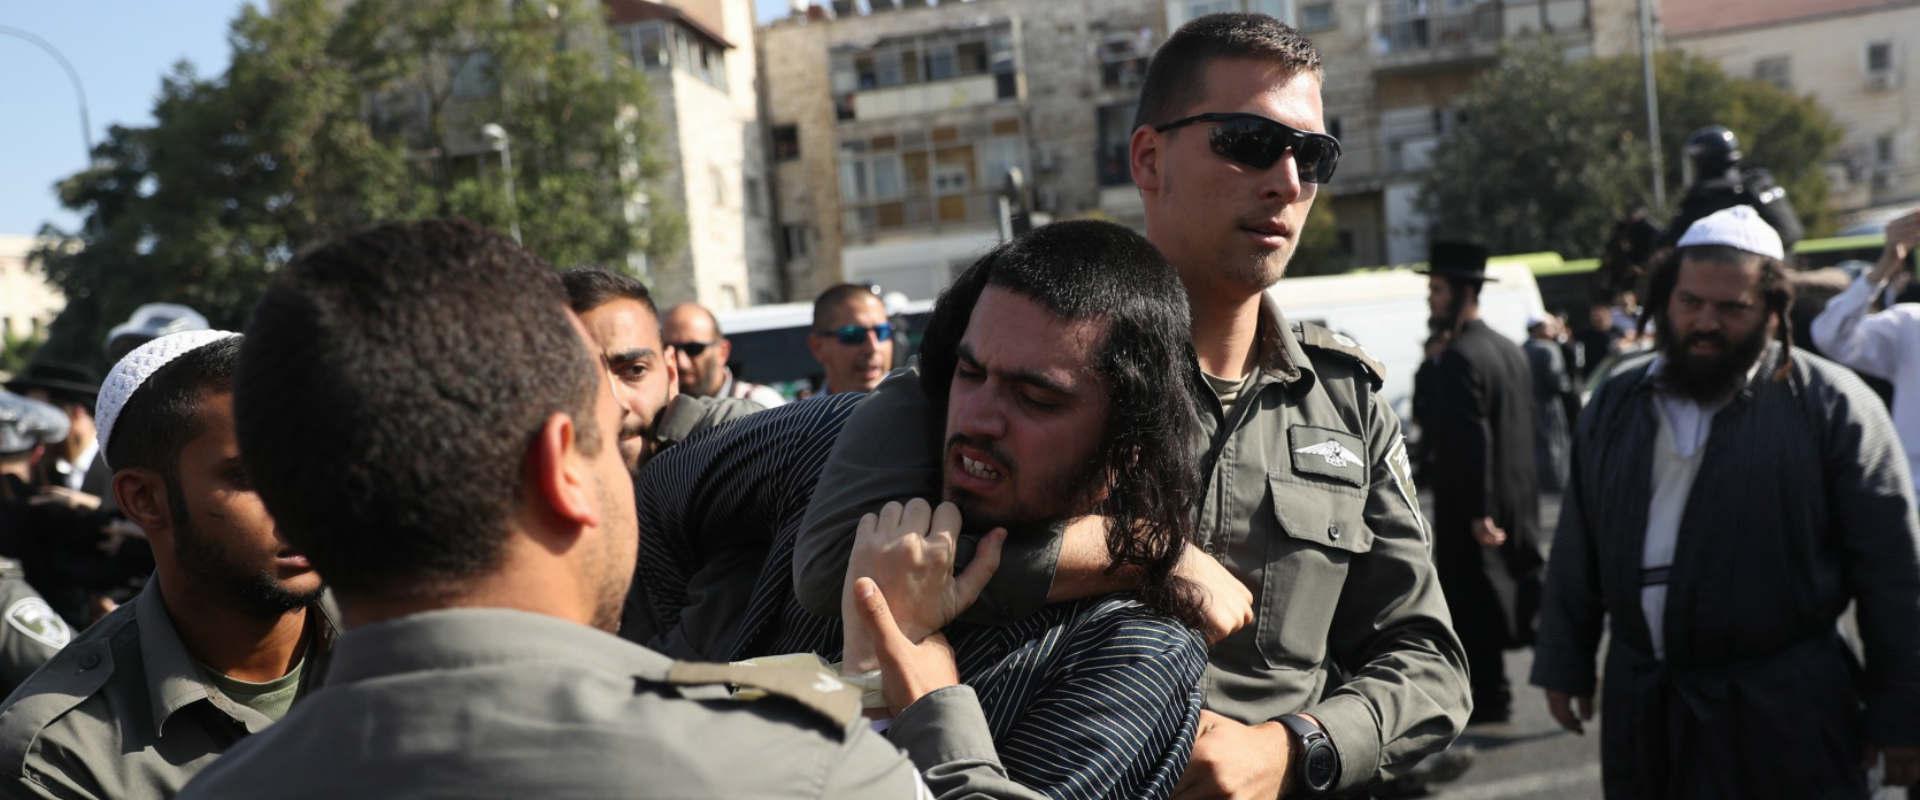 שוטרים גוררים חרדי בהפגנה בירושלים, היום